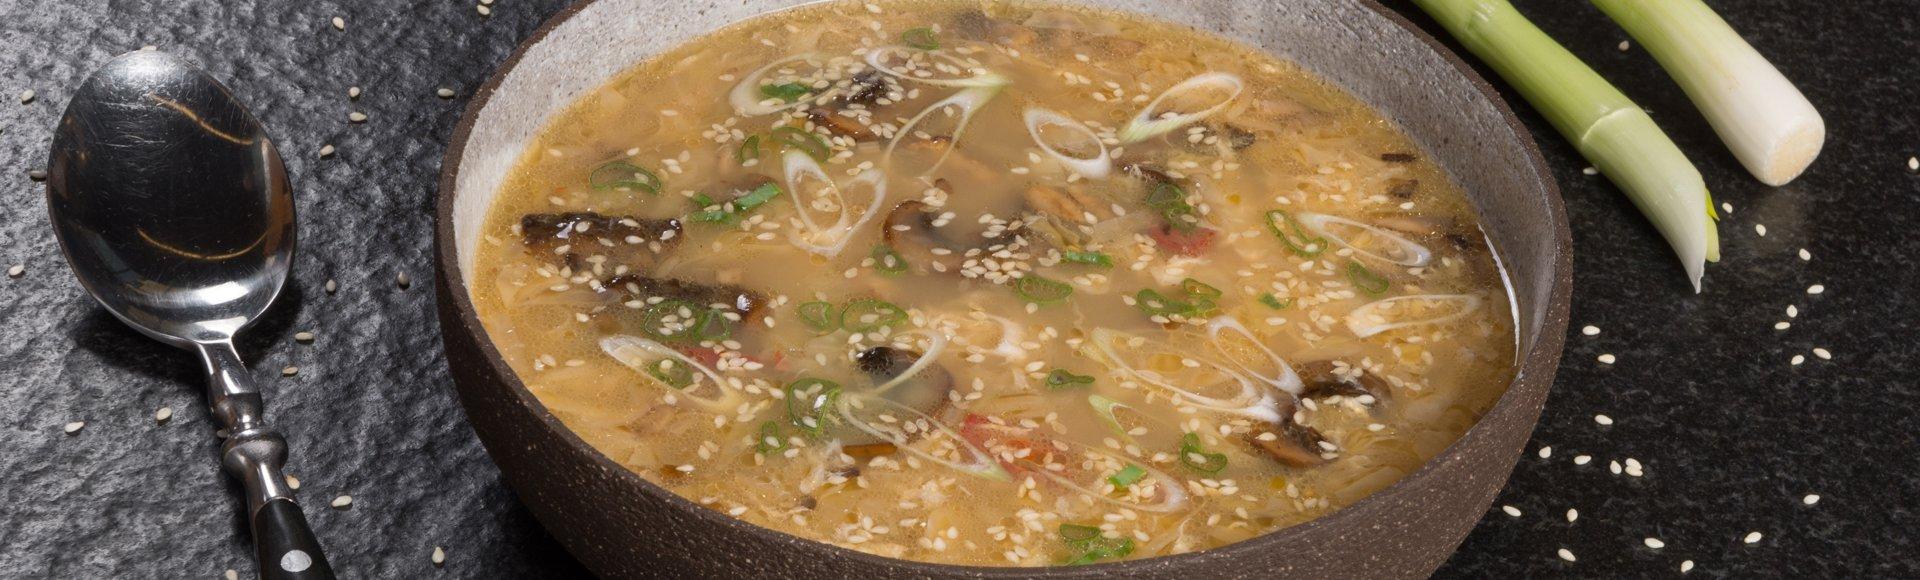 Κινέζικη καυτερή σούπα